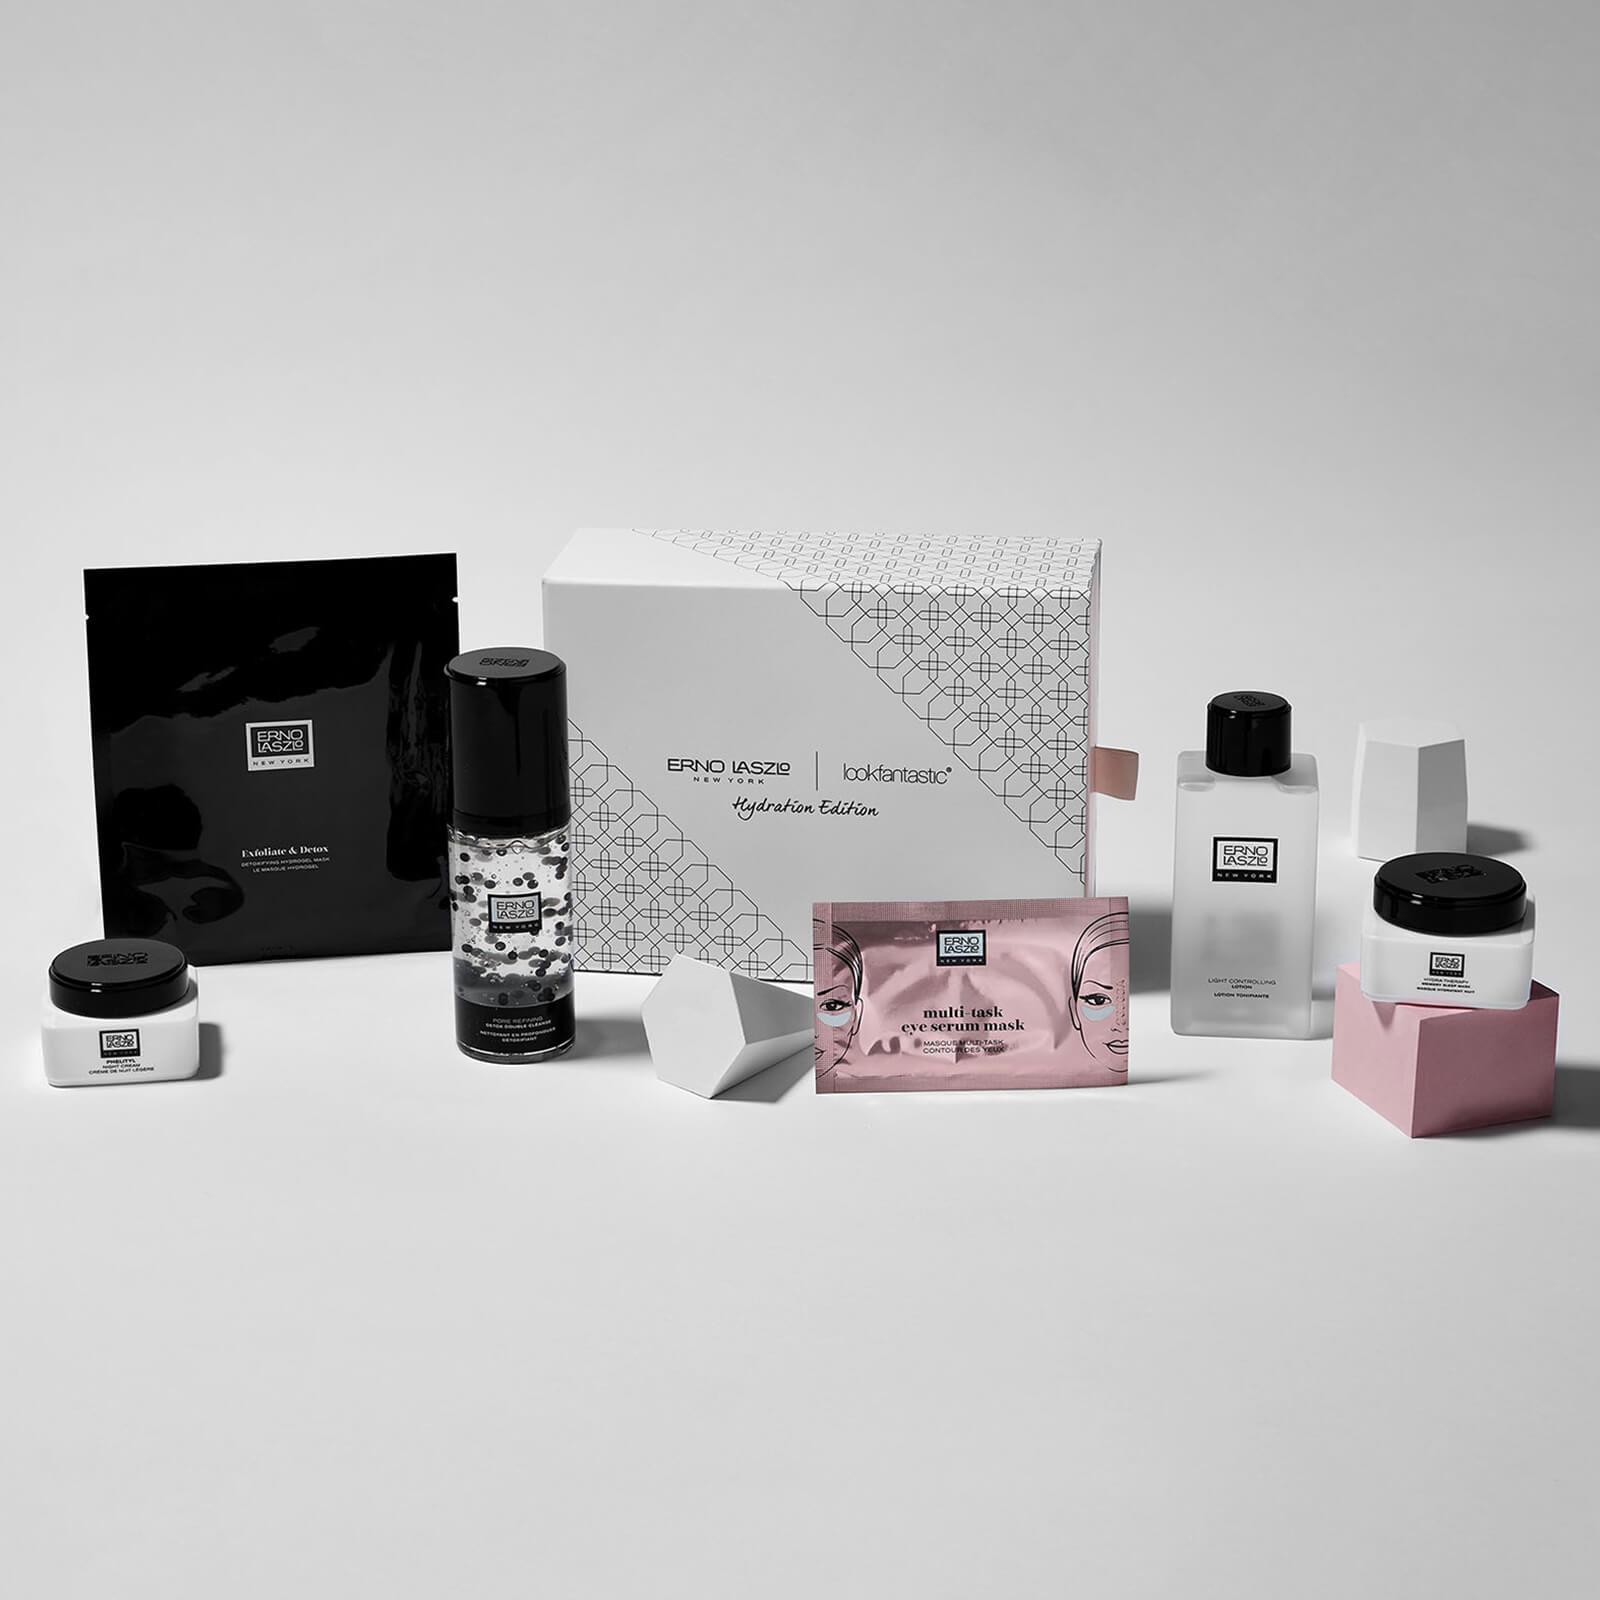 LOOKFANTASTIC x Erno Laszlo Limited Edition Beauty Box (dal valore di oltre 210€)